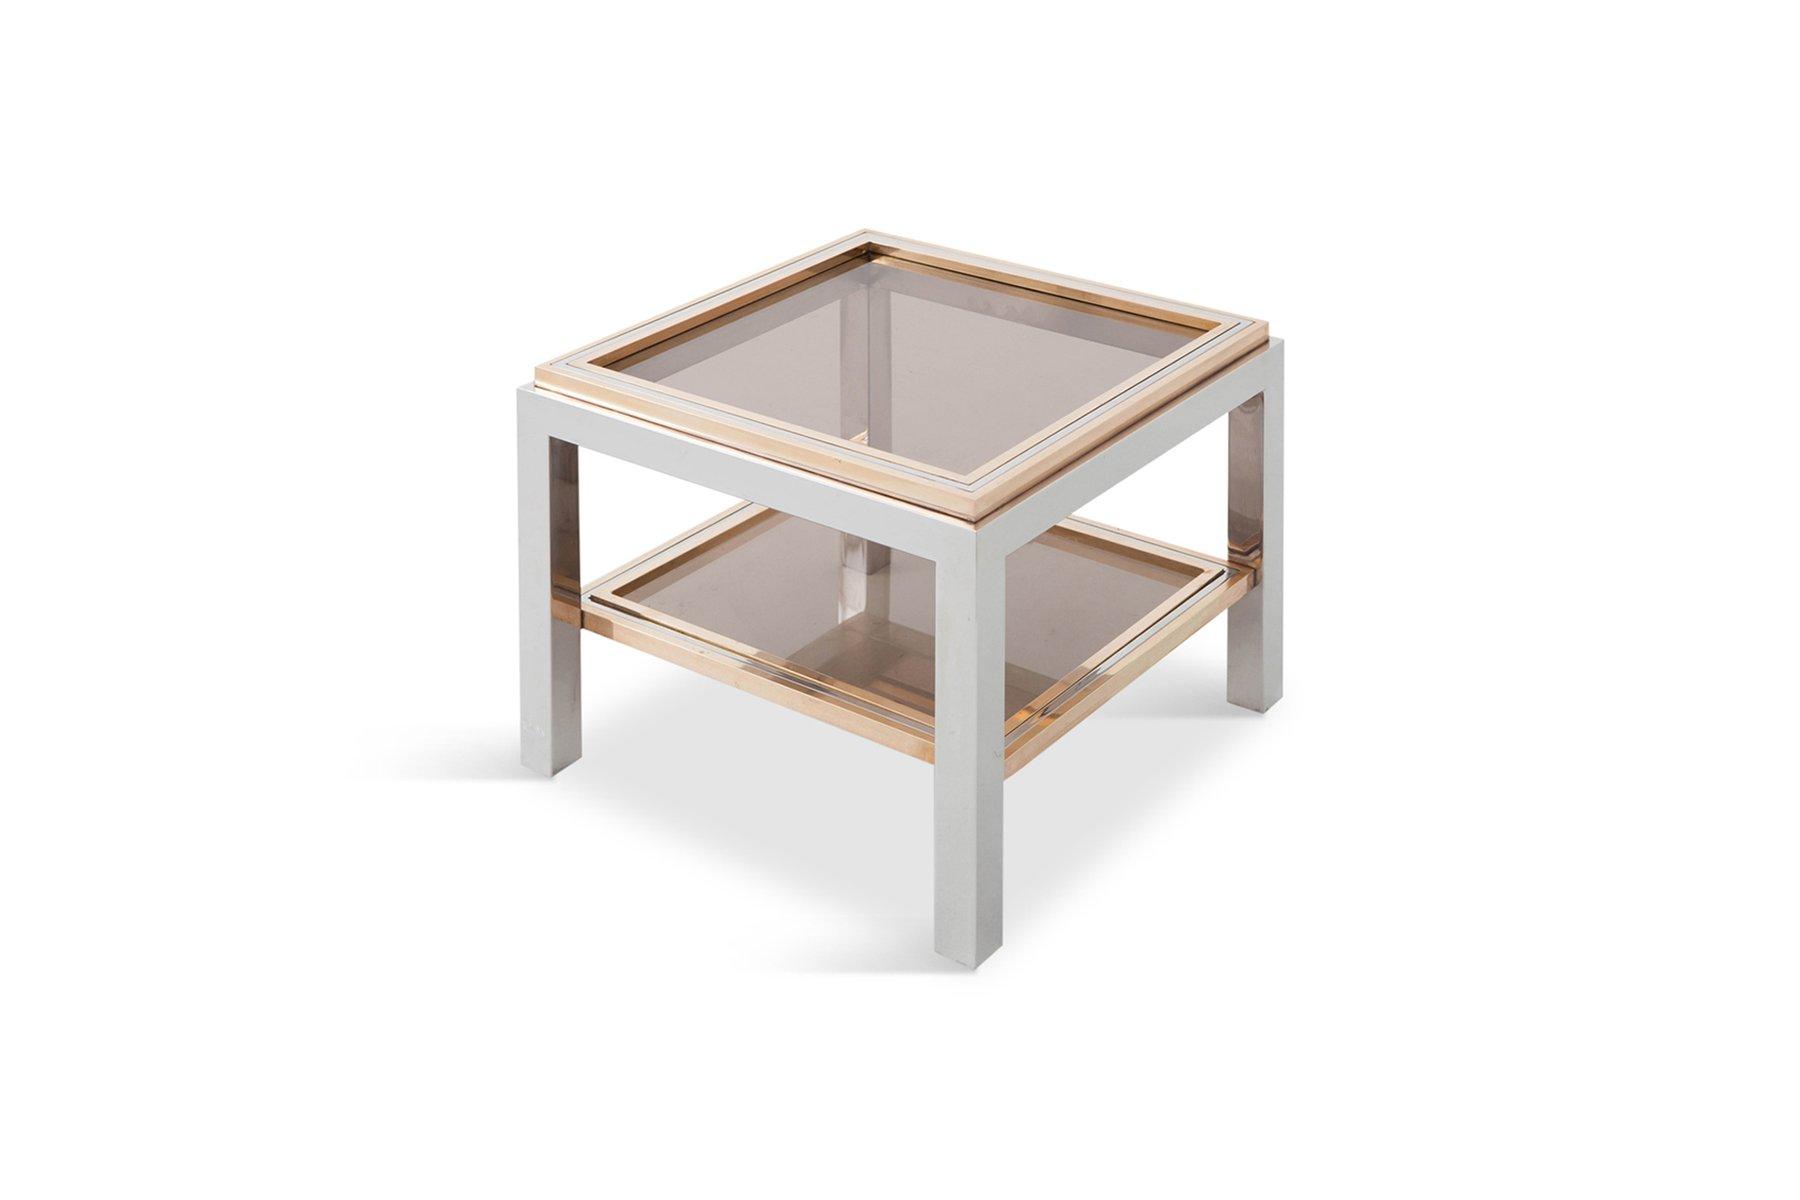 quadratischer beistelltisch aus messing chrom glas von willy rizzo 1970er bei pamono kaufen. Black Bedroom Furniture Sets. Home Design Ideas